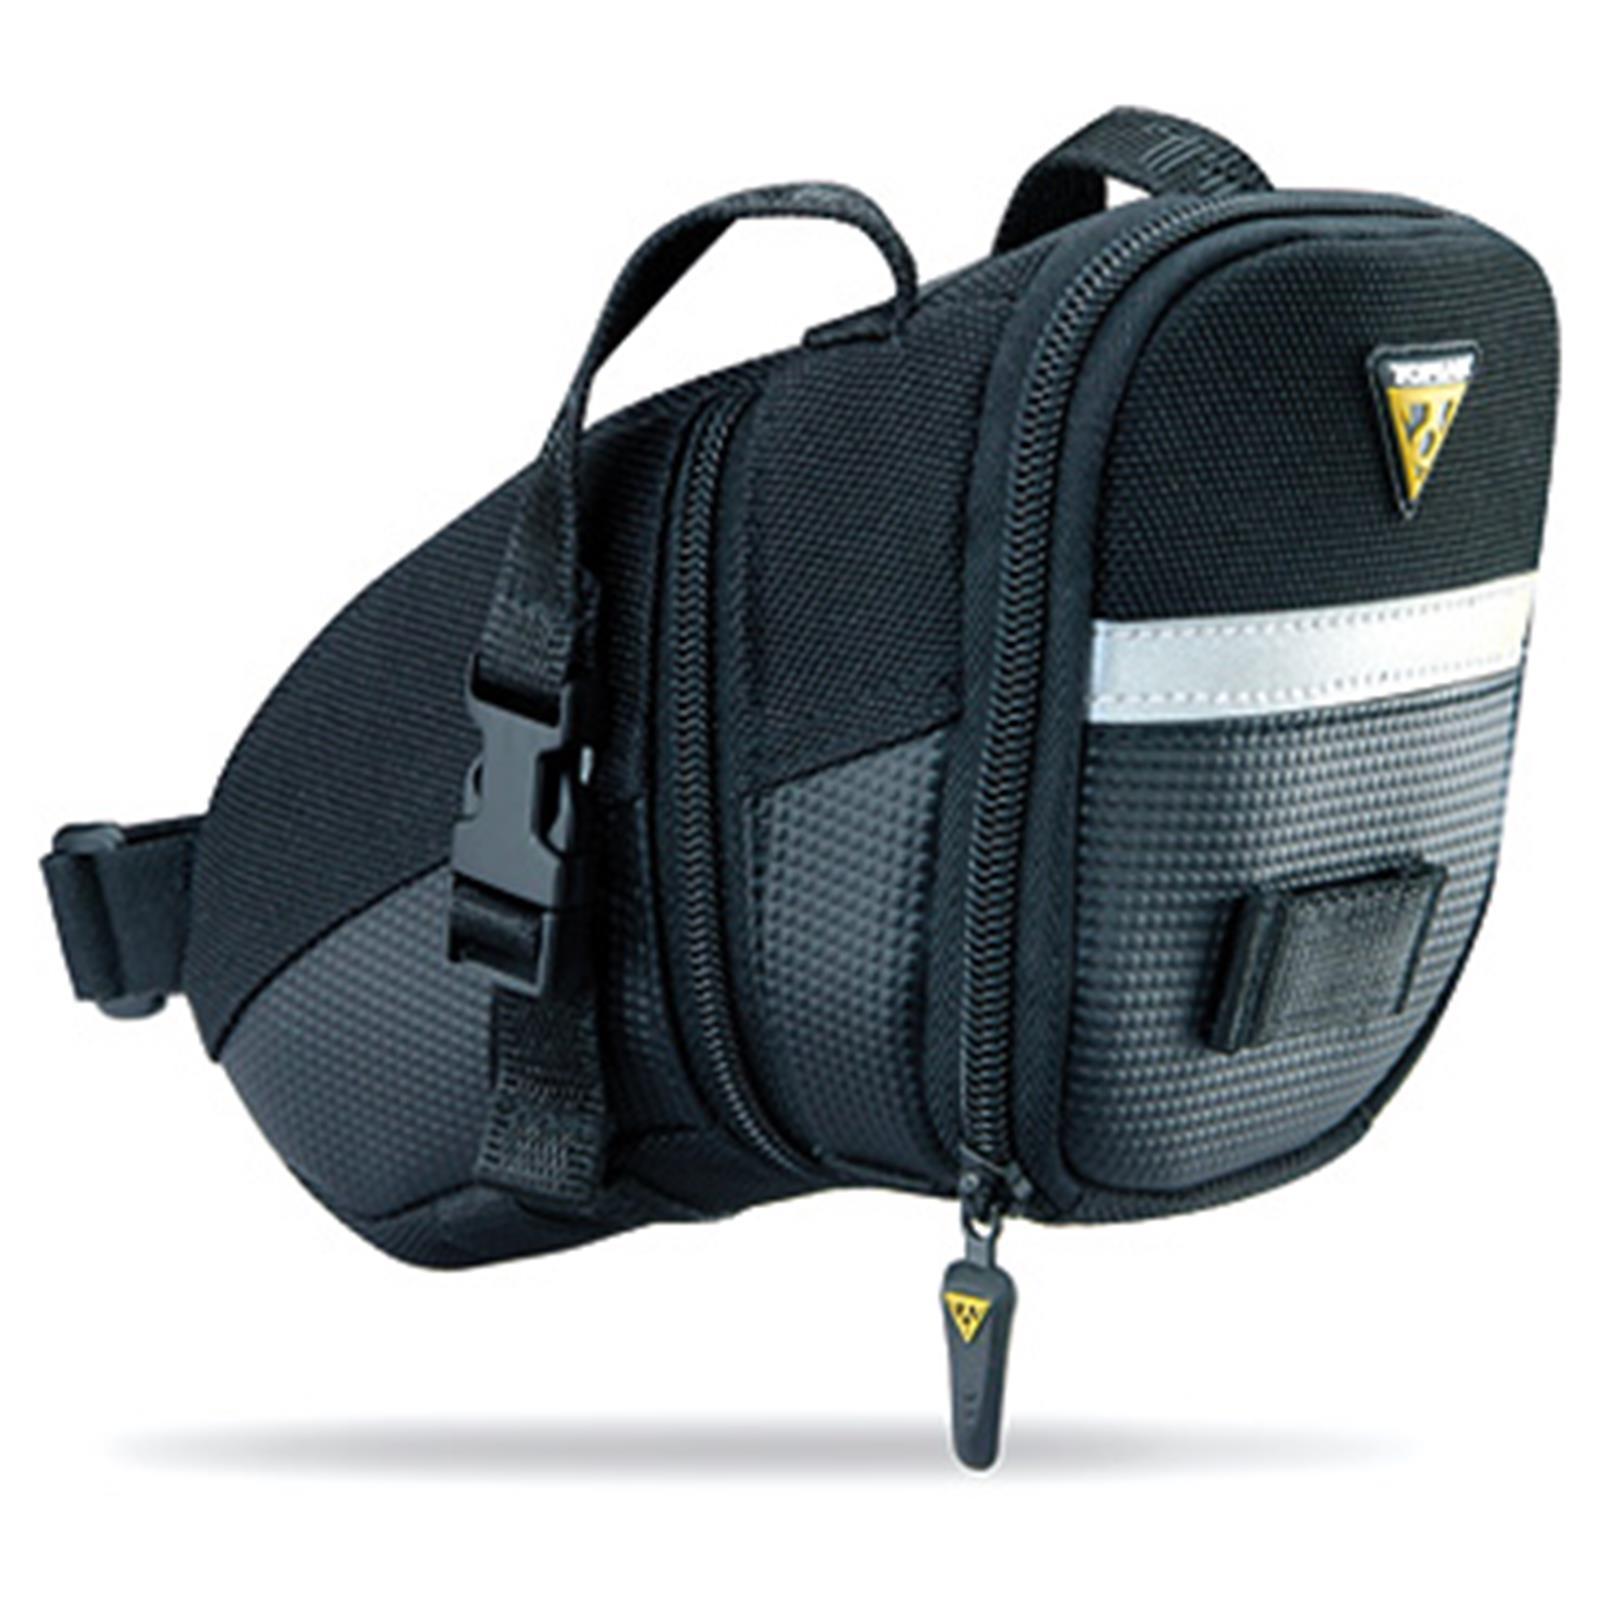 Topeak-Aero-Wedge-Pack-Strap-Sattel-Tasche-Riemen-Schnalle-alle-Groessen-Teflon